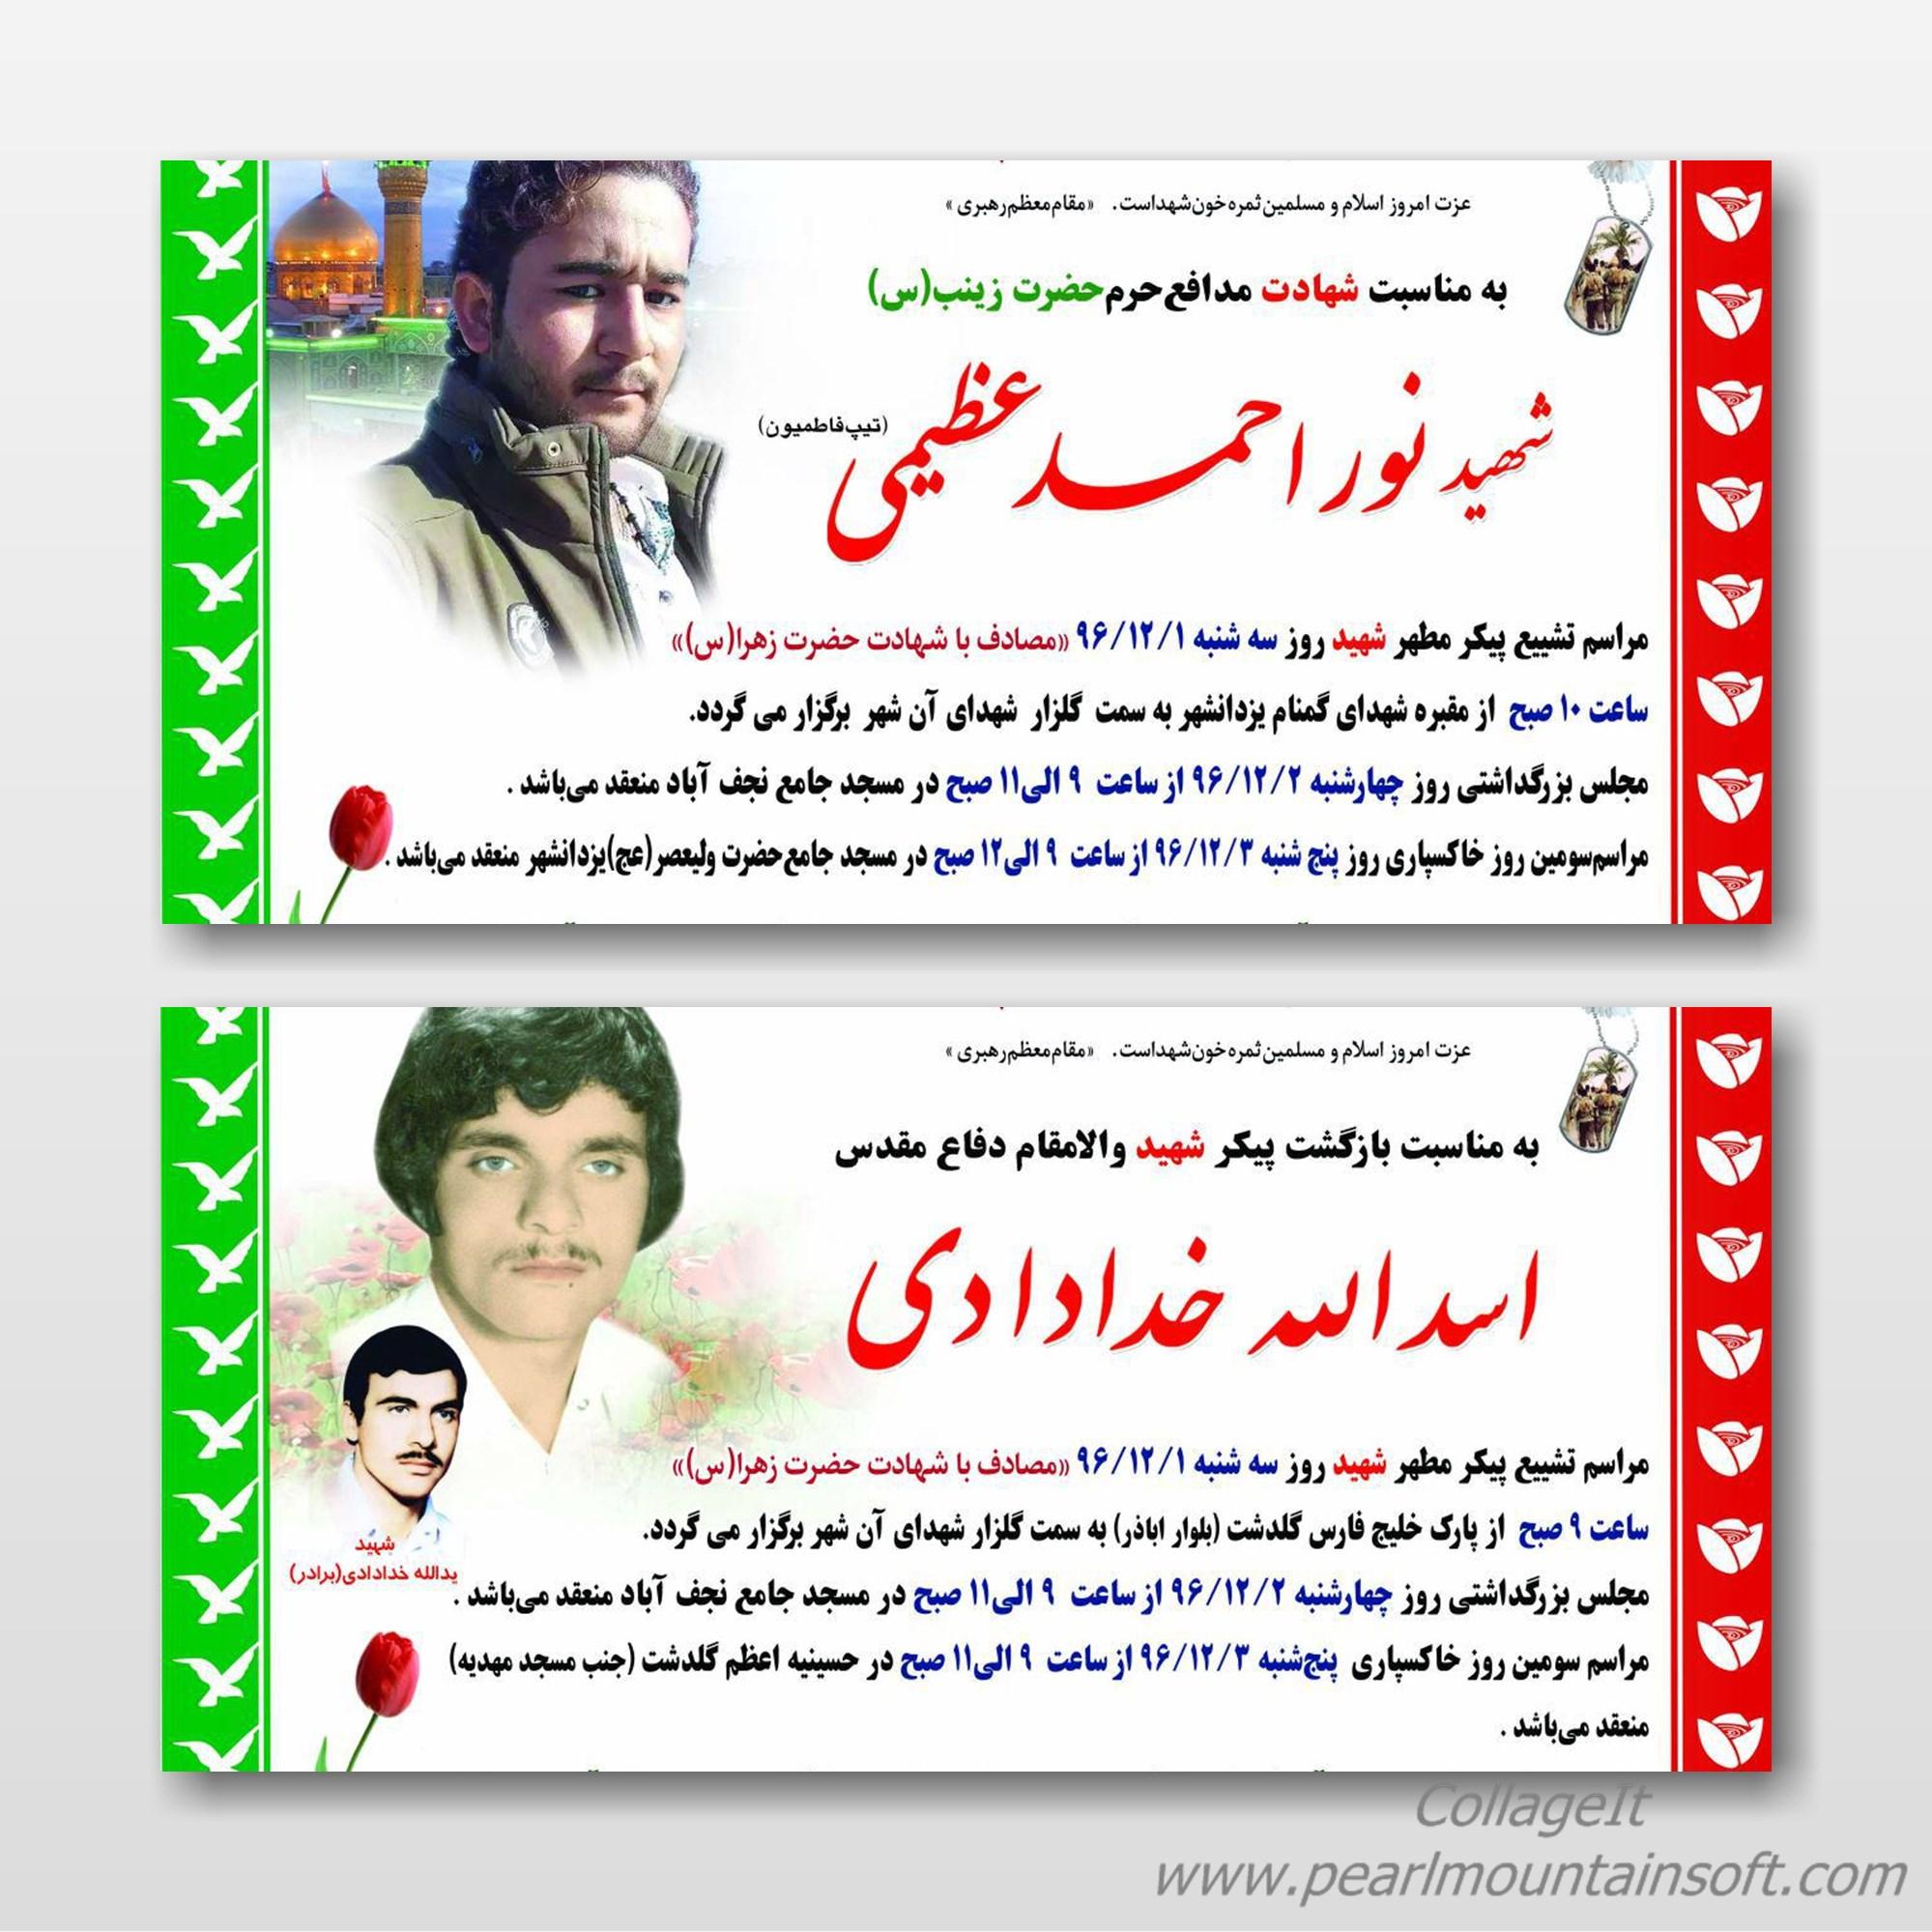 خاکسپاری دو شهید در گلدشت و یزدانشهر+تصاویر شهداء